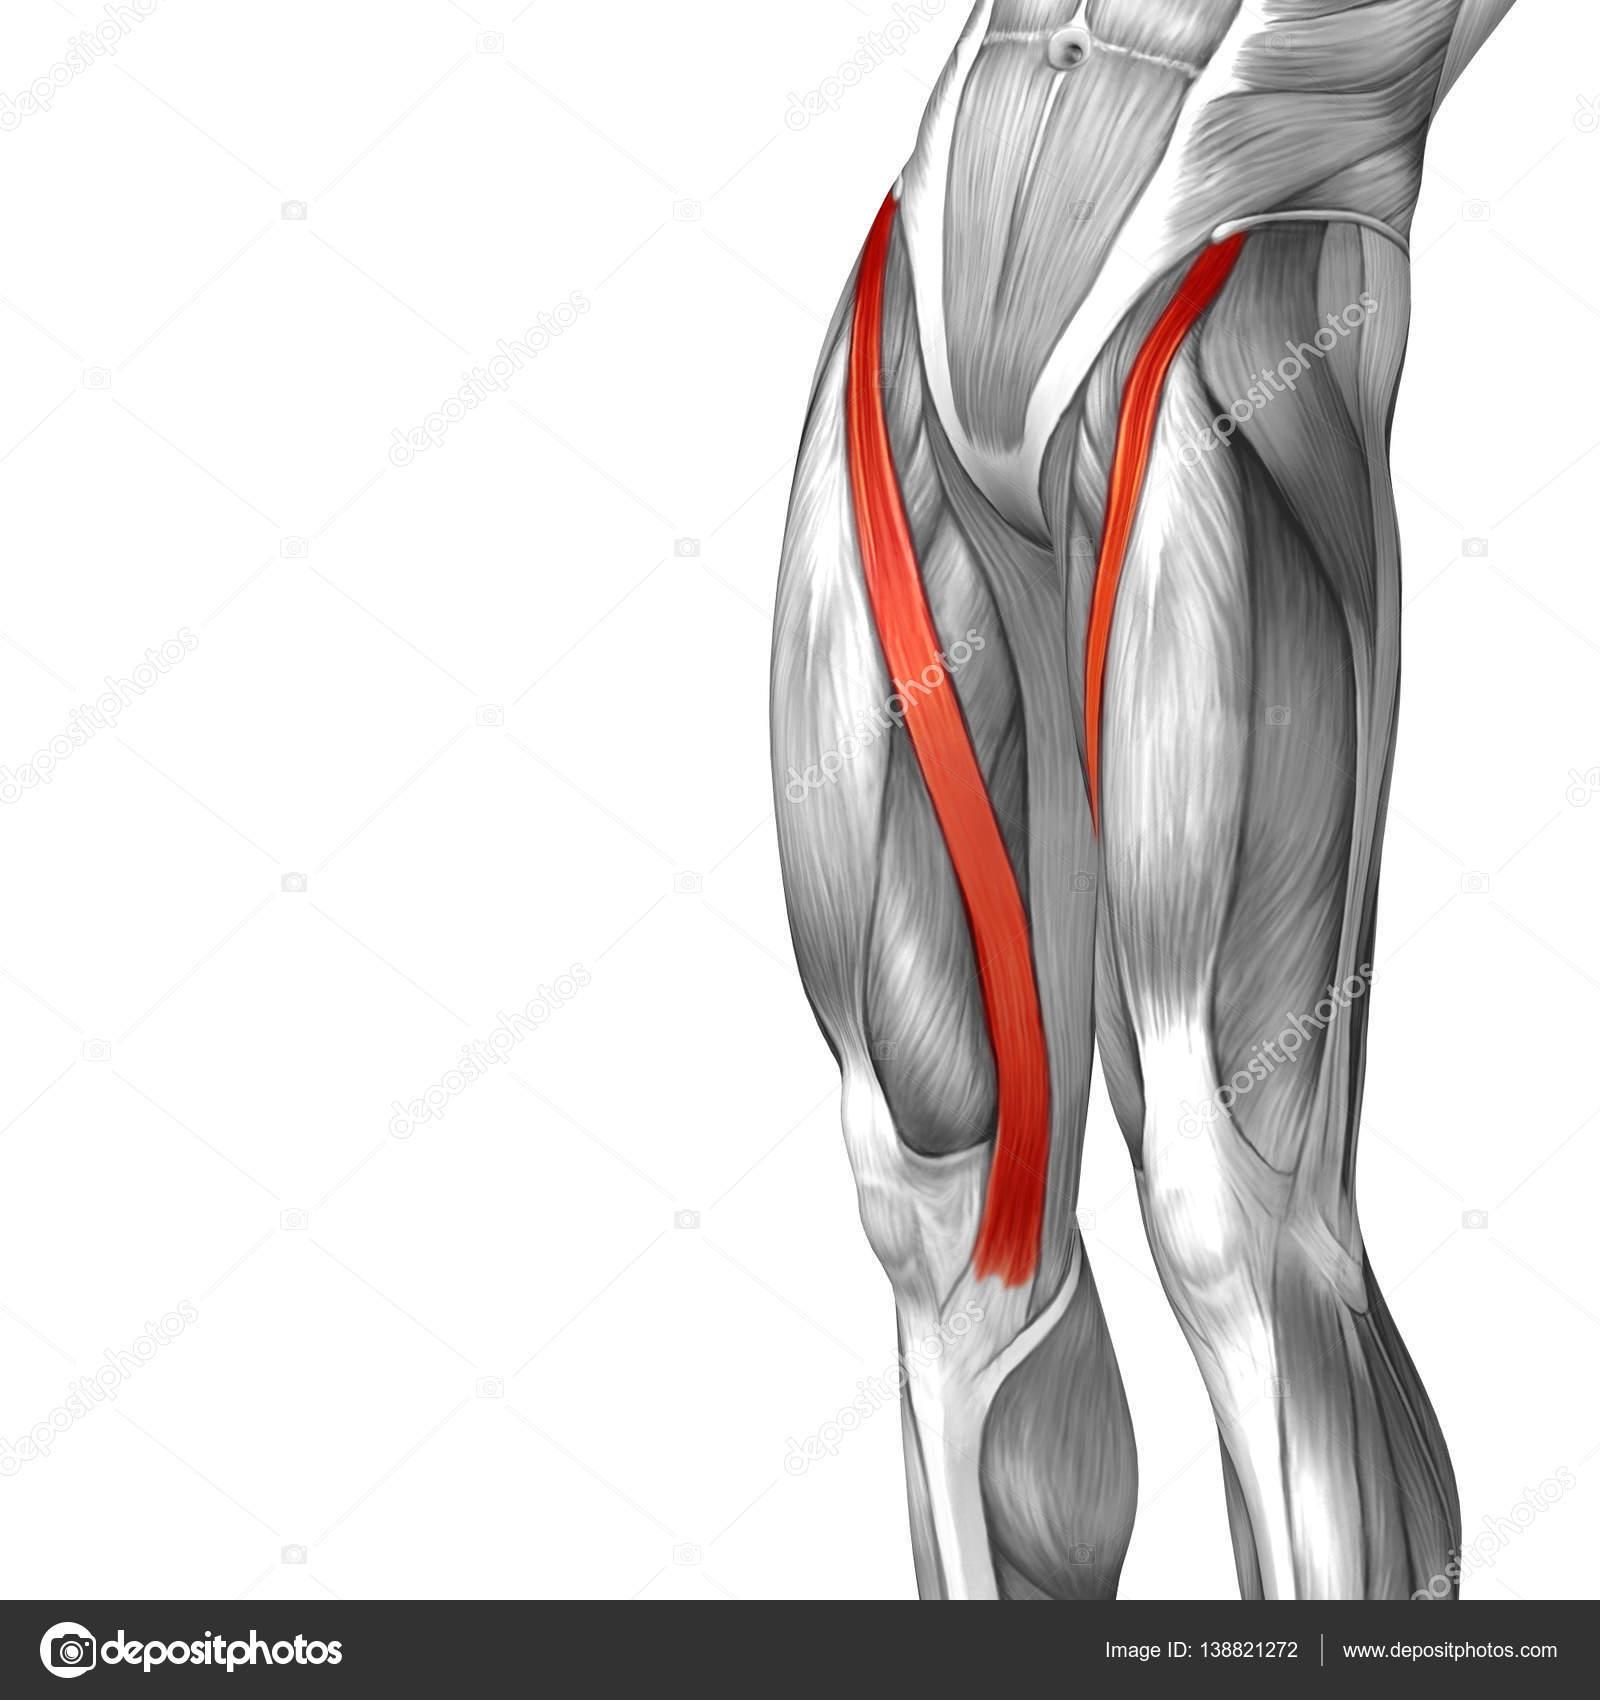 menschliche Oberschenkel-Anatomie — Stockfoto © design36 #138821272